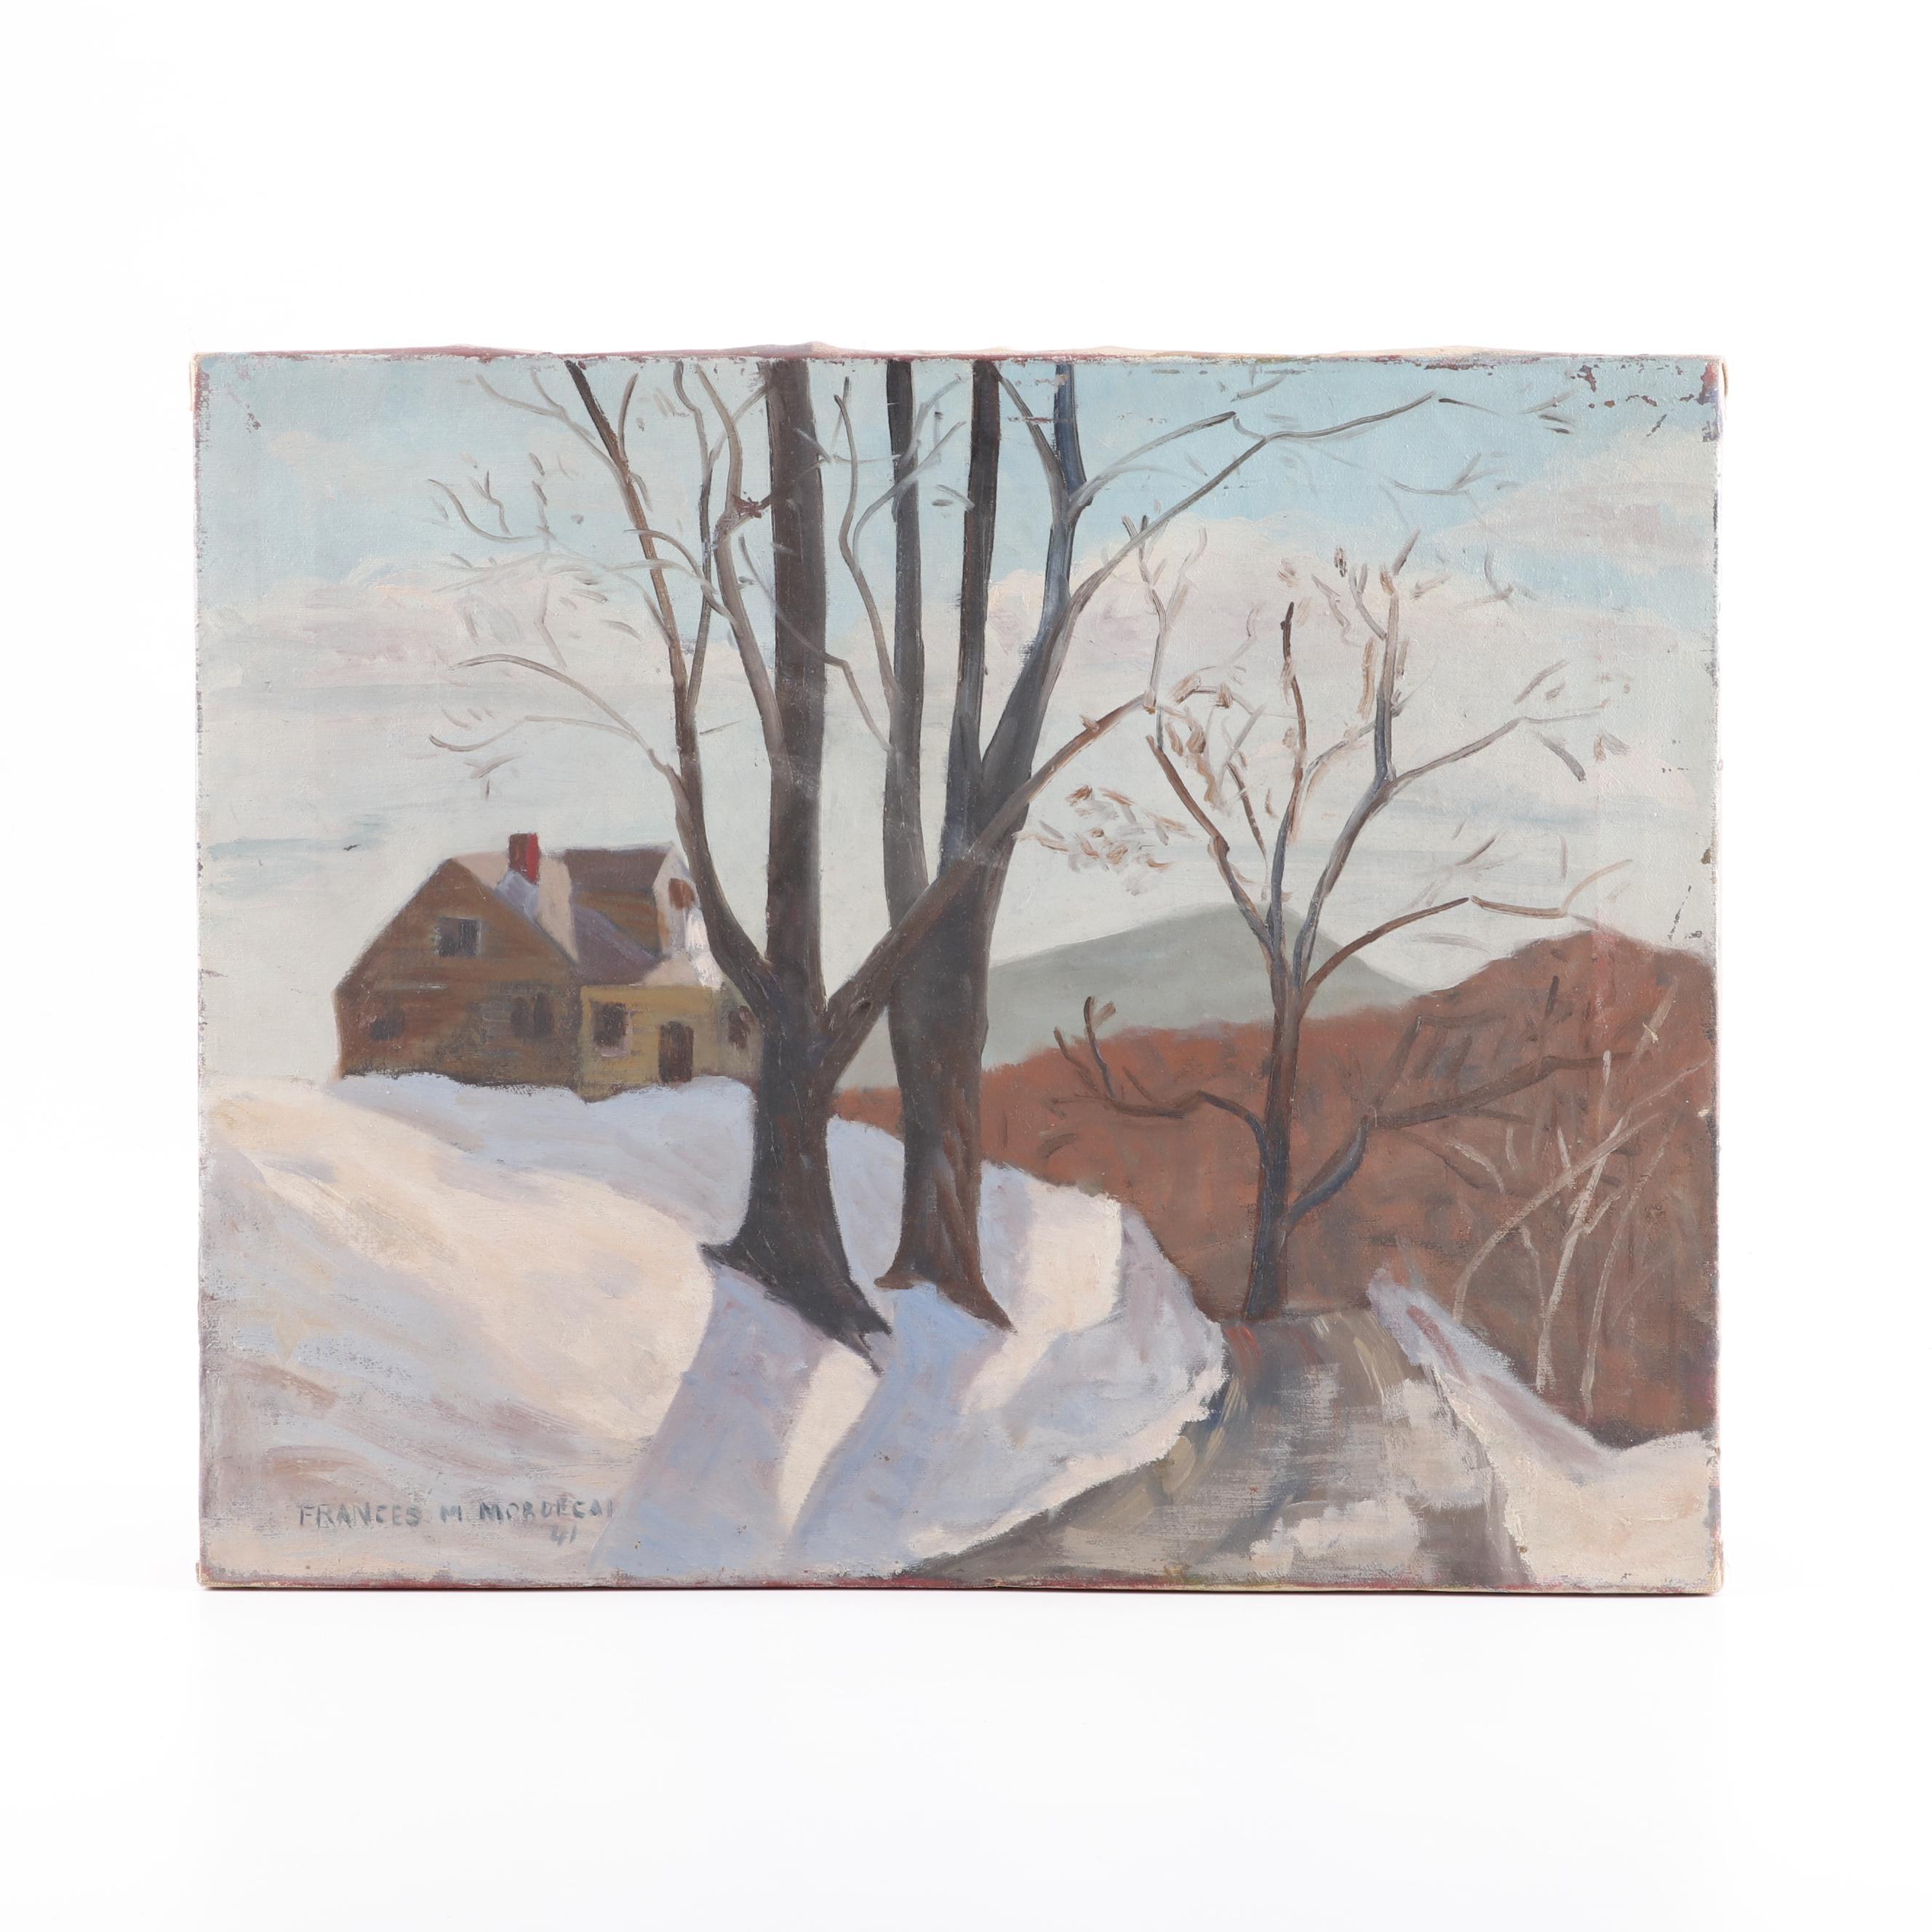 Frances M. Mordecai Landscape Oil Painting